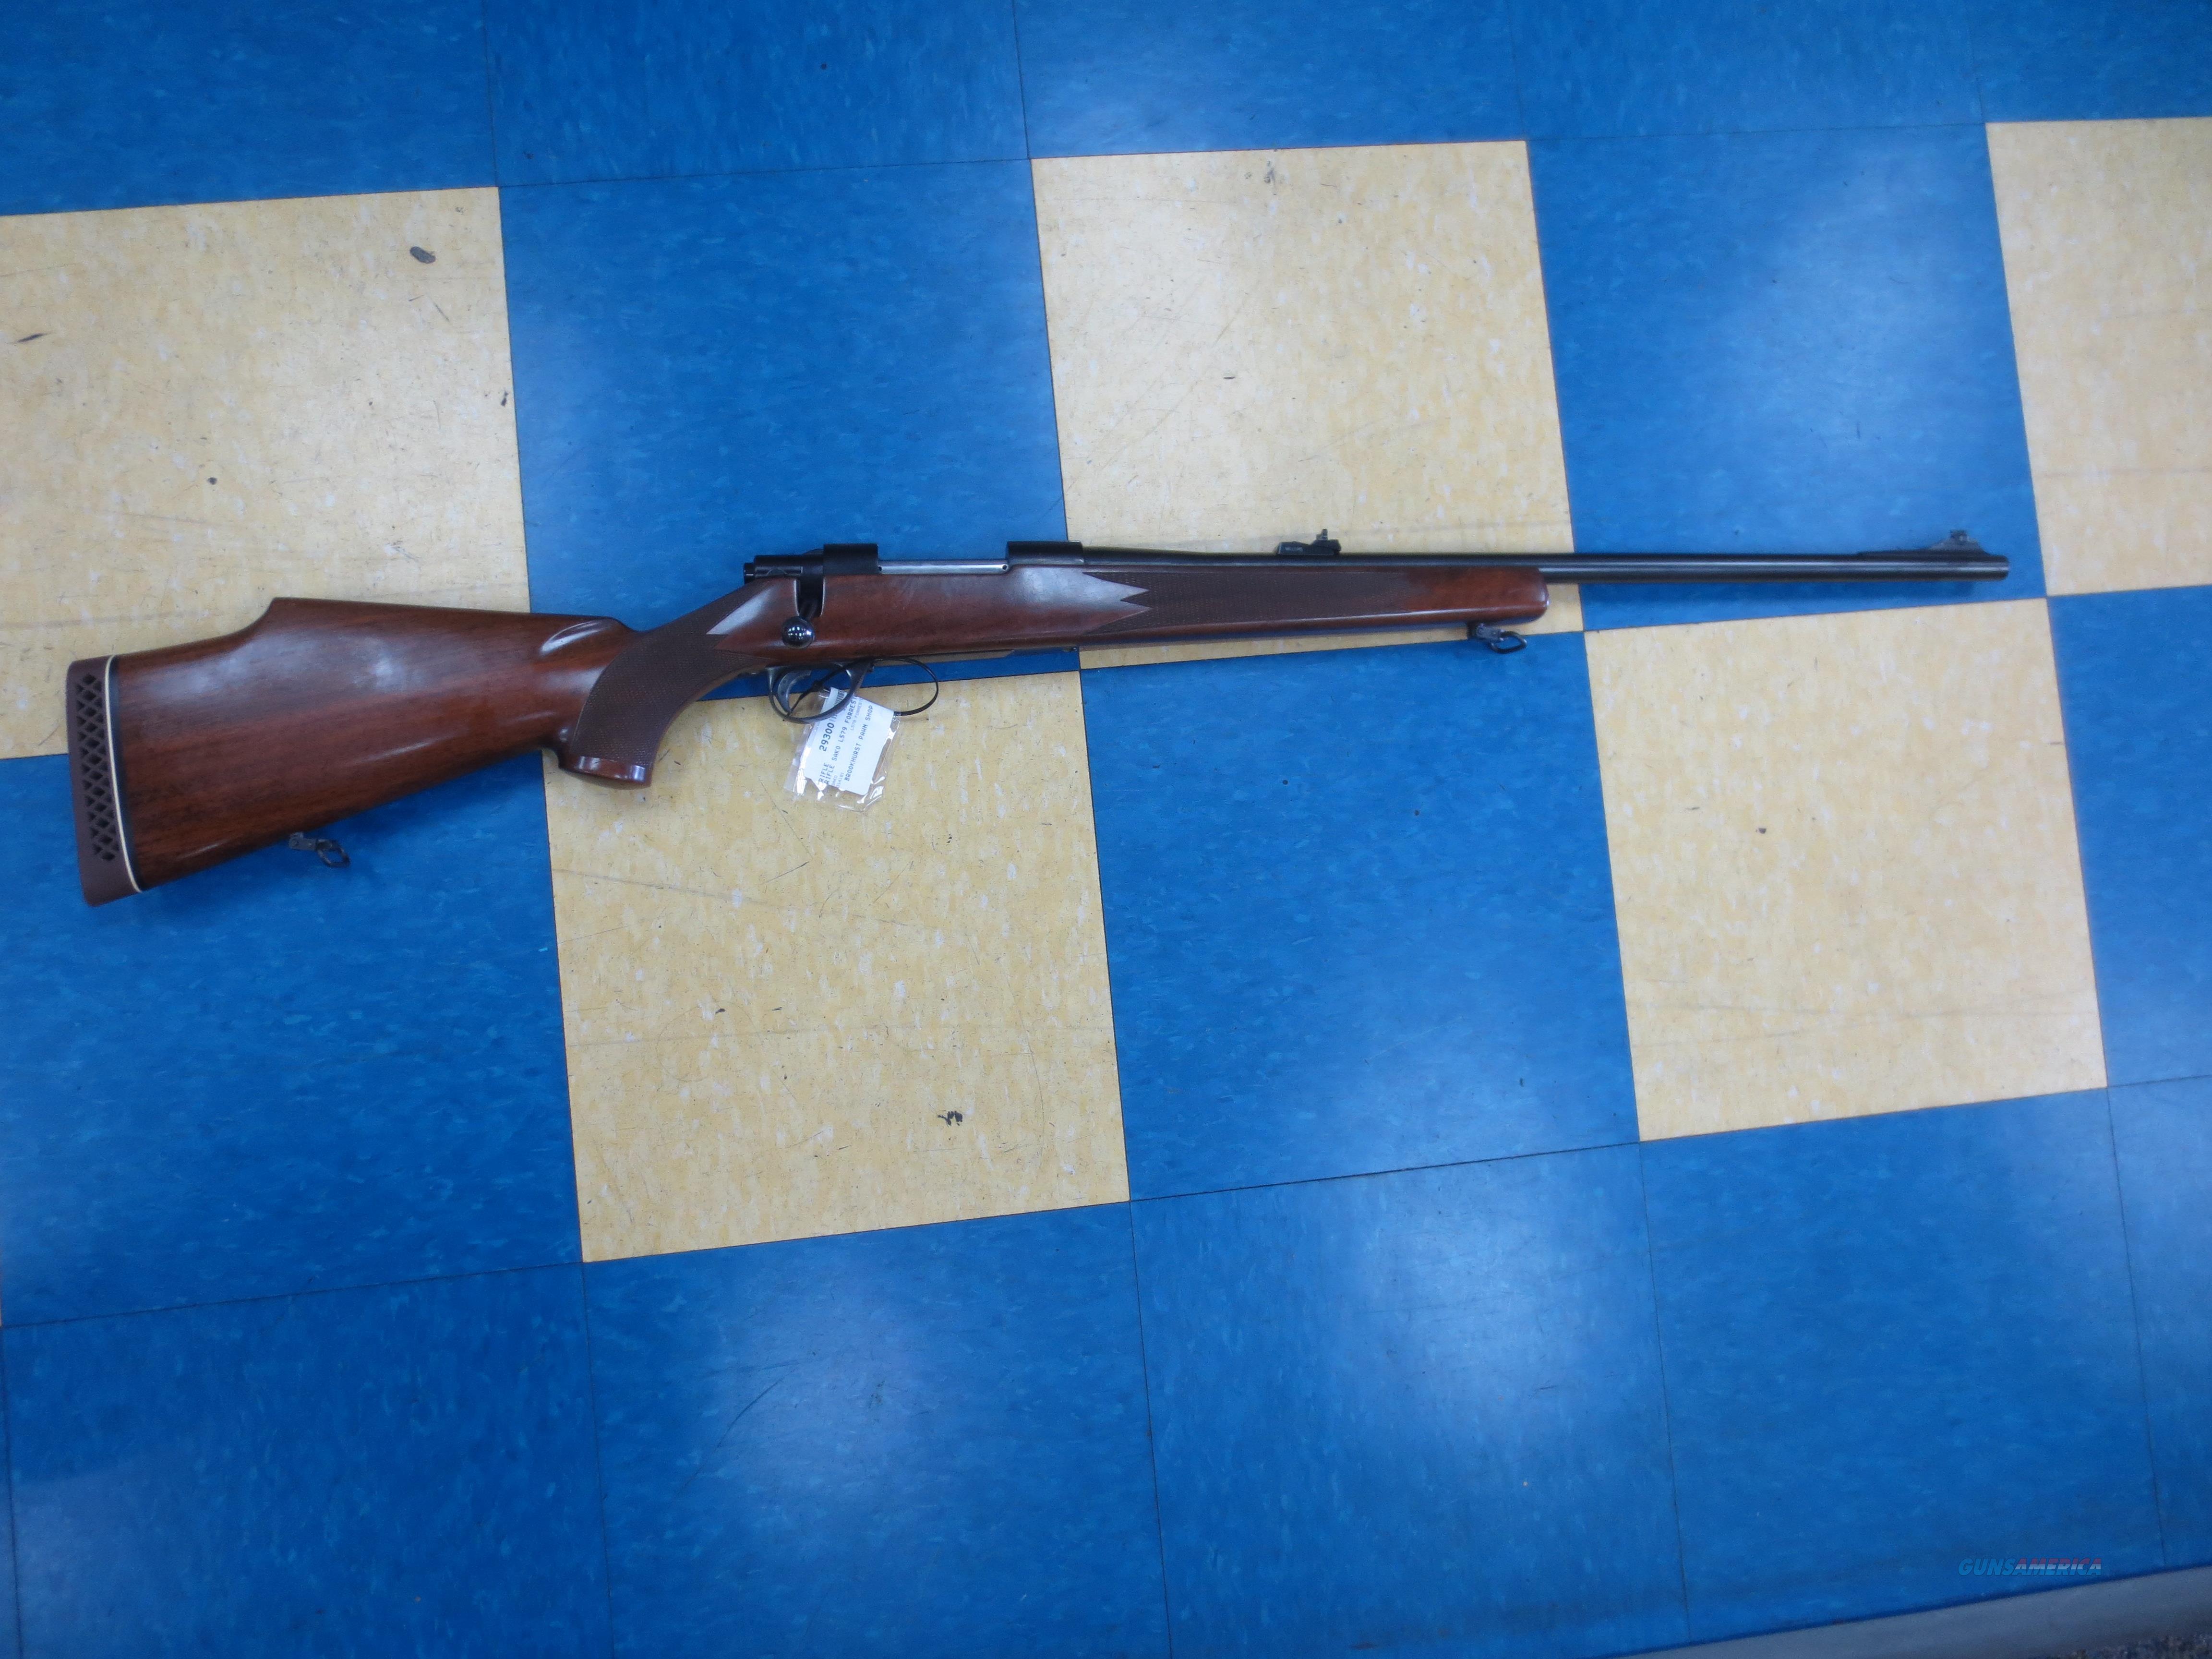 Sako mod# L579  bolt action .308 winchester cal  Guns > Rifles > Sako Rifles > Other Bolt Action